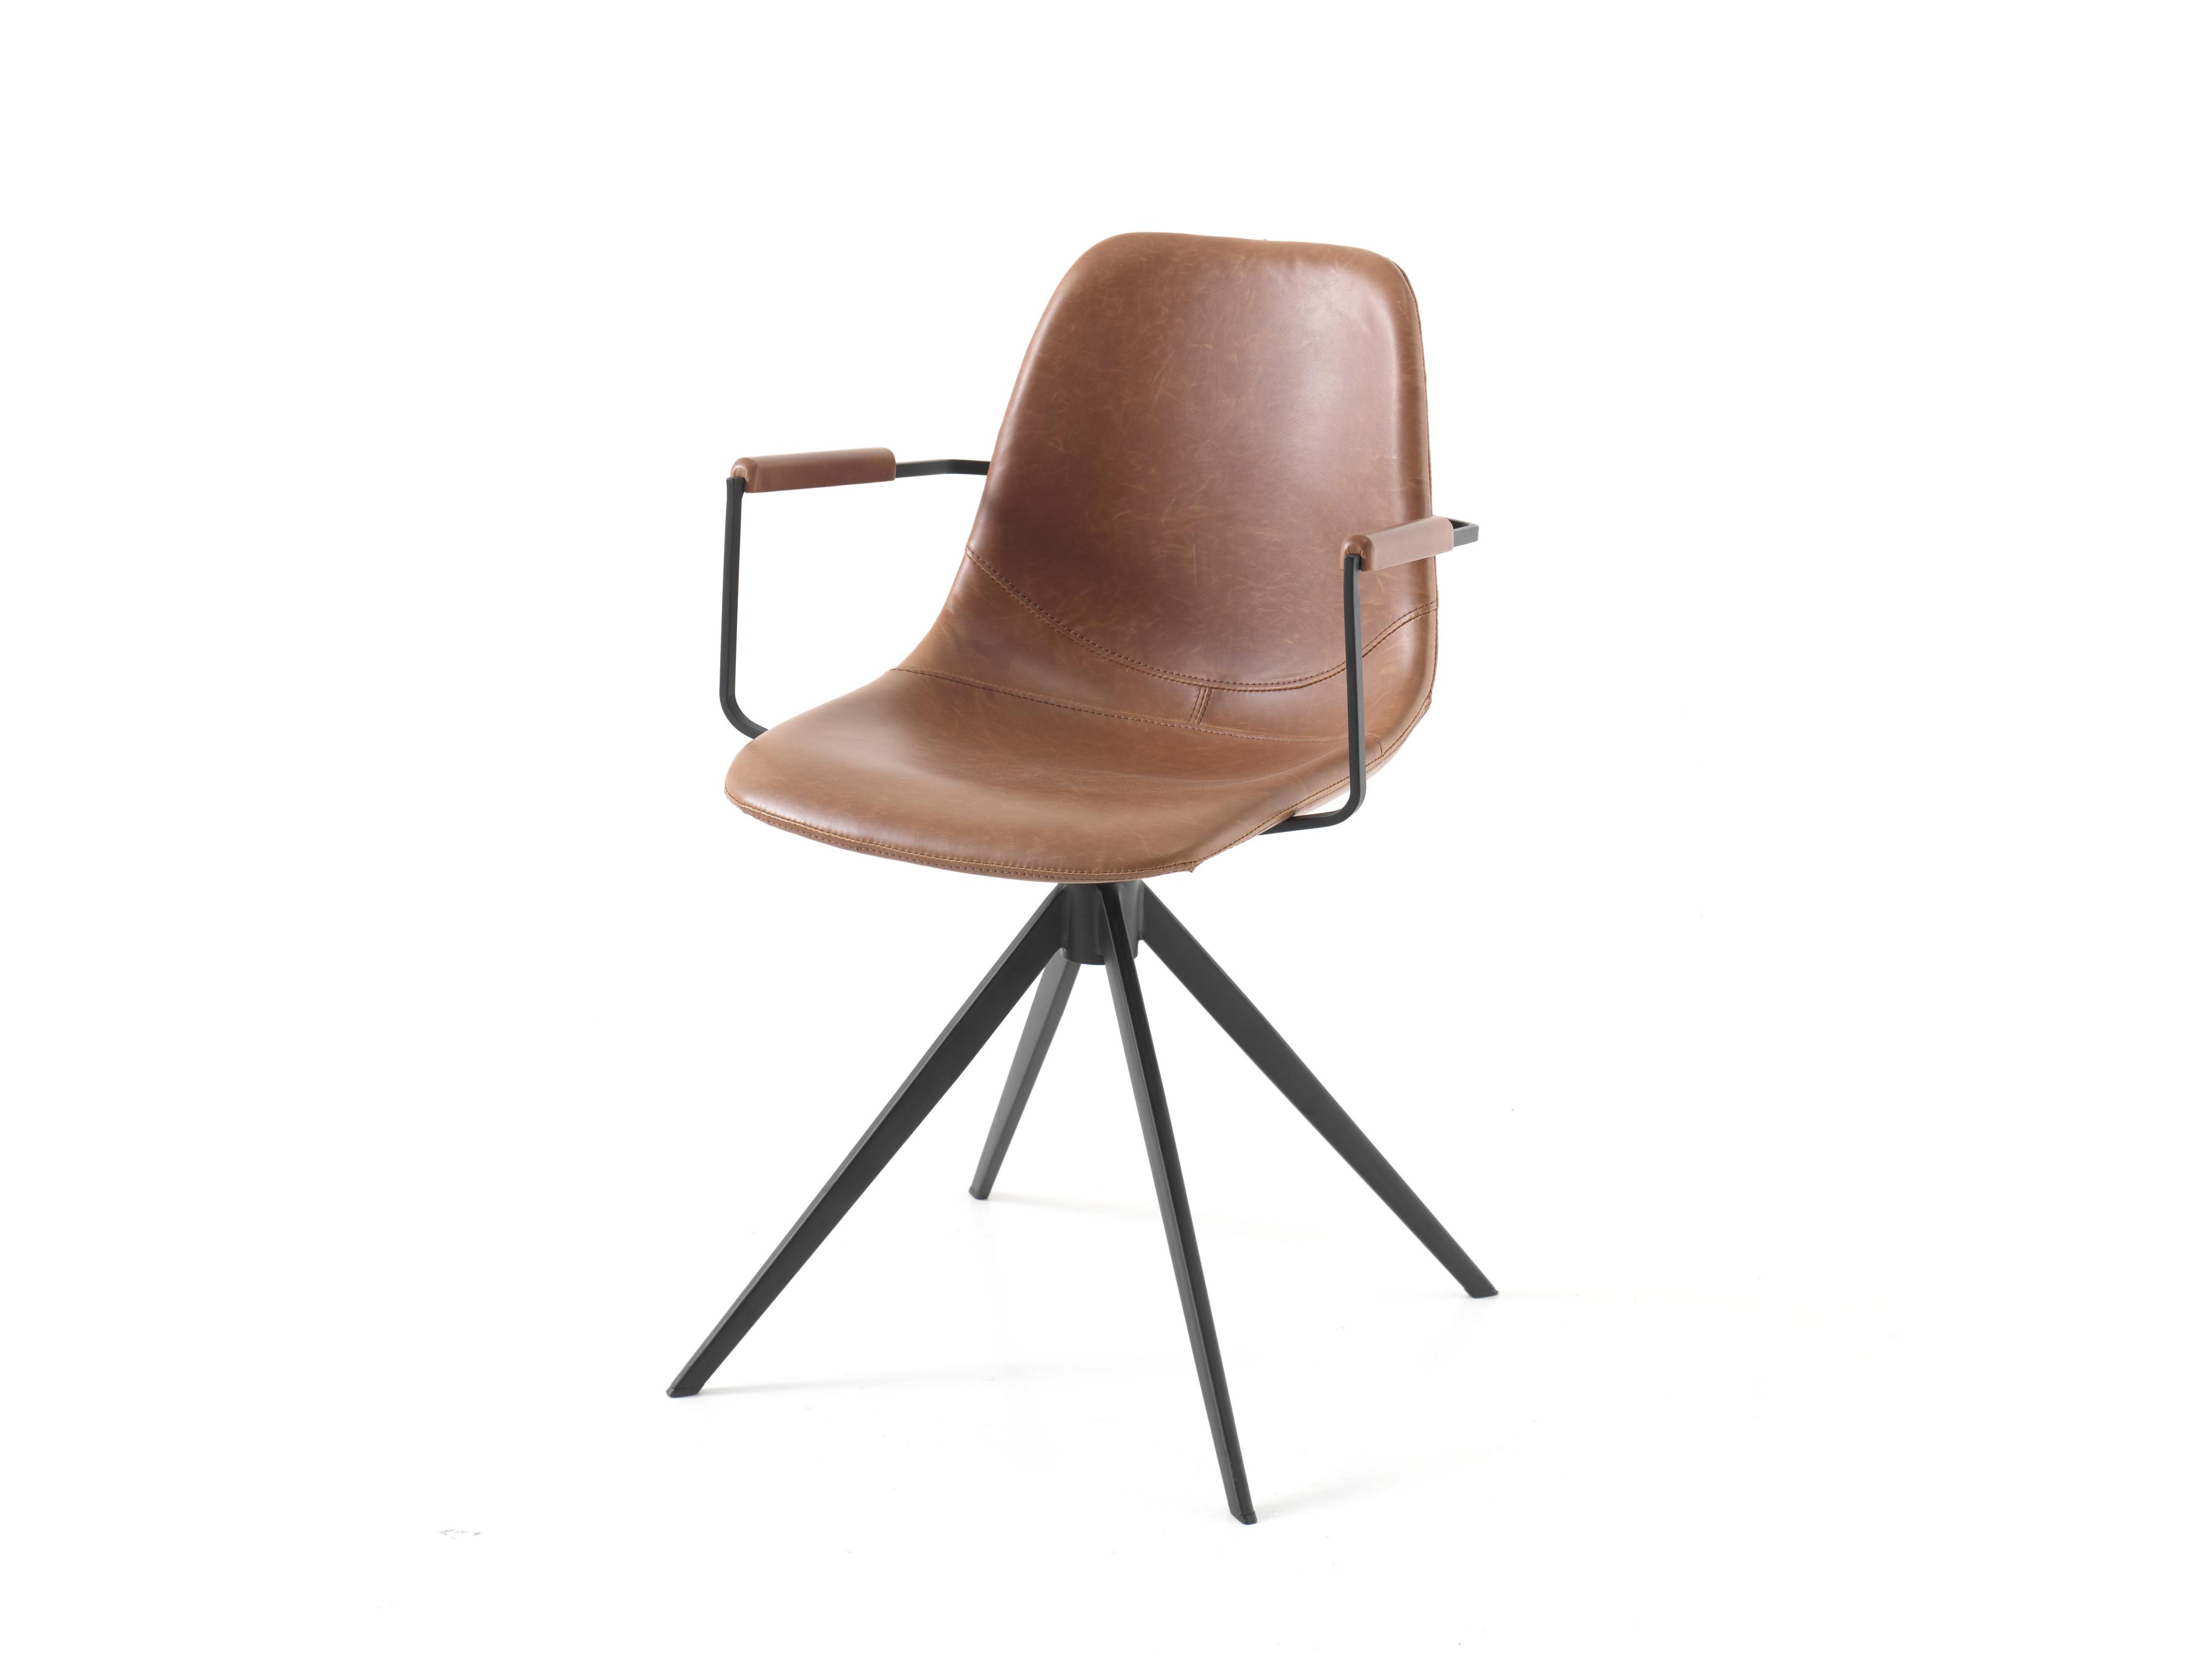 Woonkamer Zwart Bruin : Draaibare armstoel kleur vintage cognac zwart bruin deba meubelen